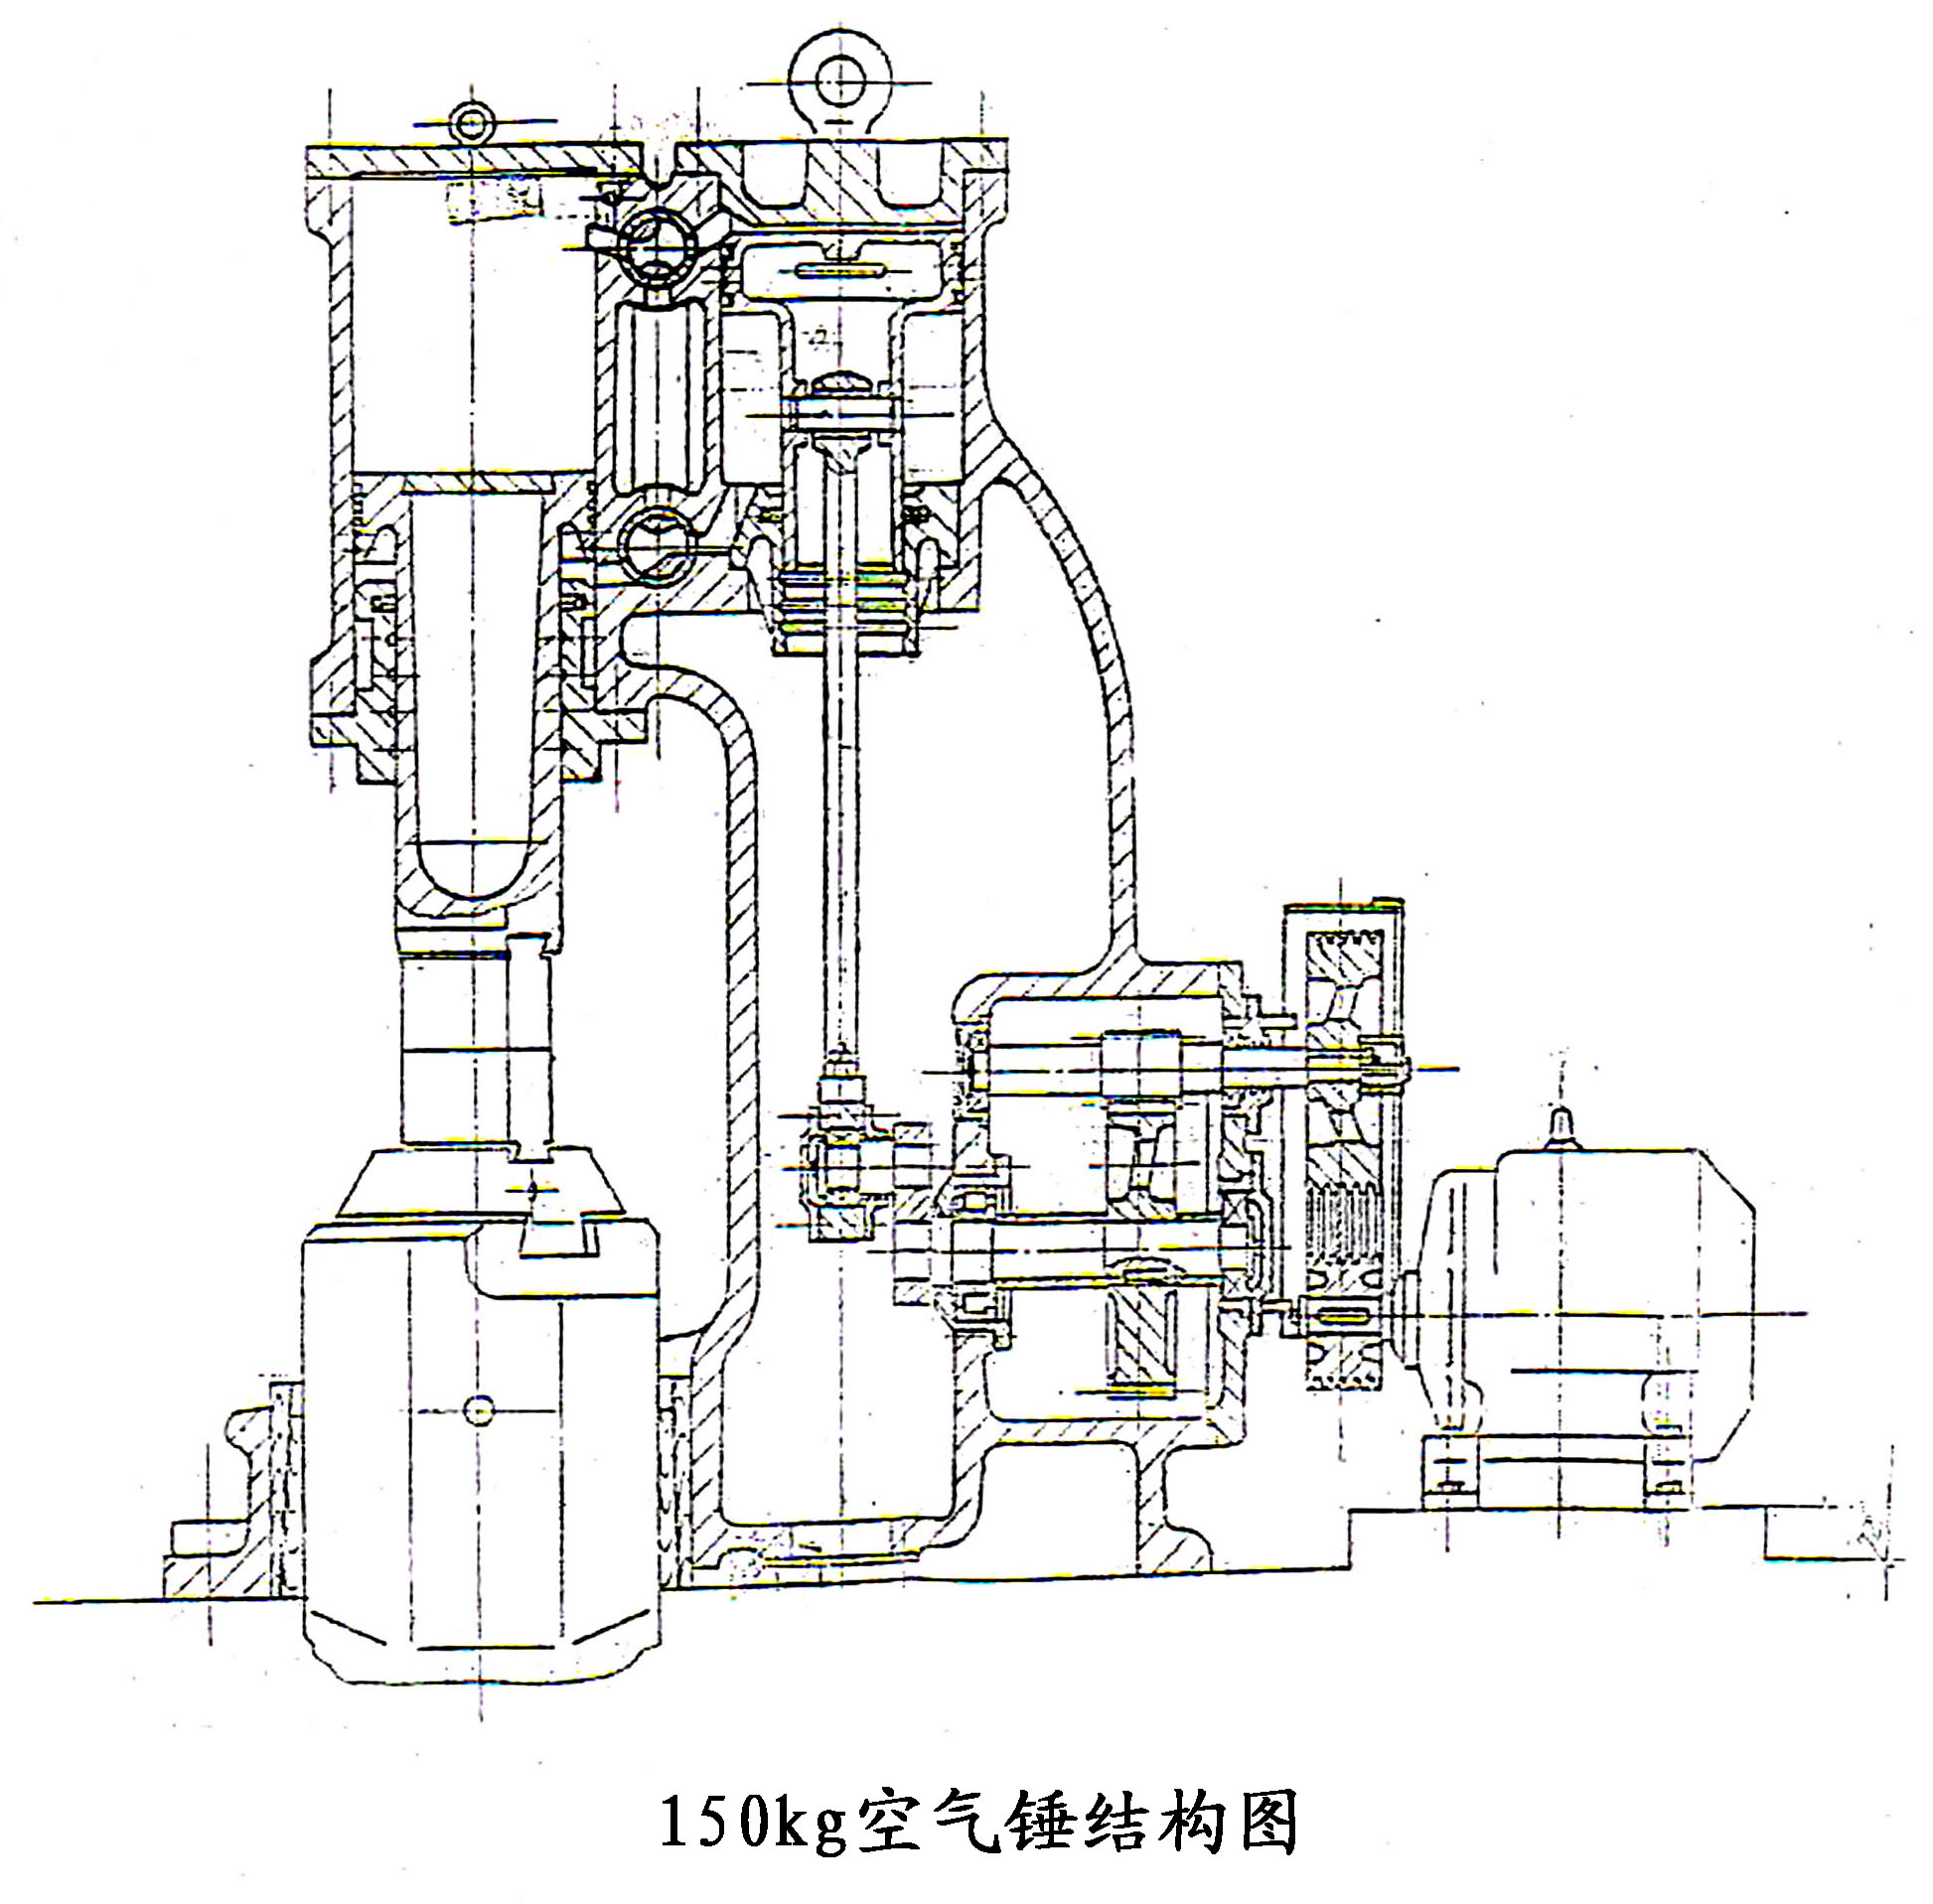 150公斤空气锤结构图